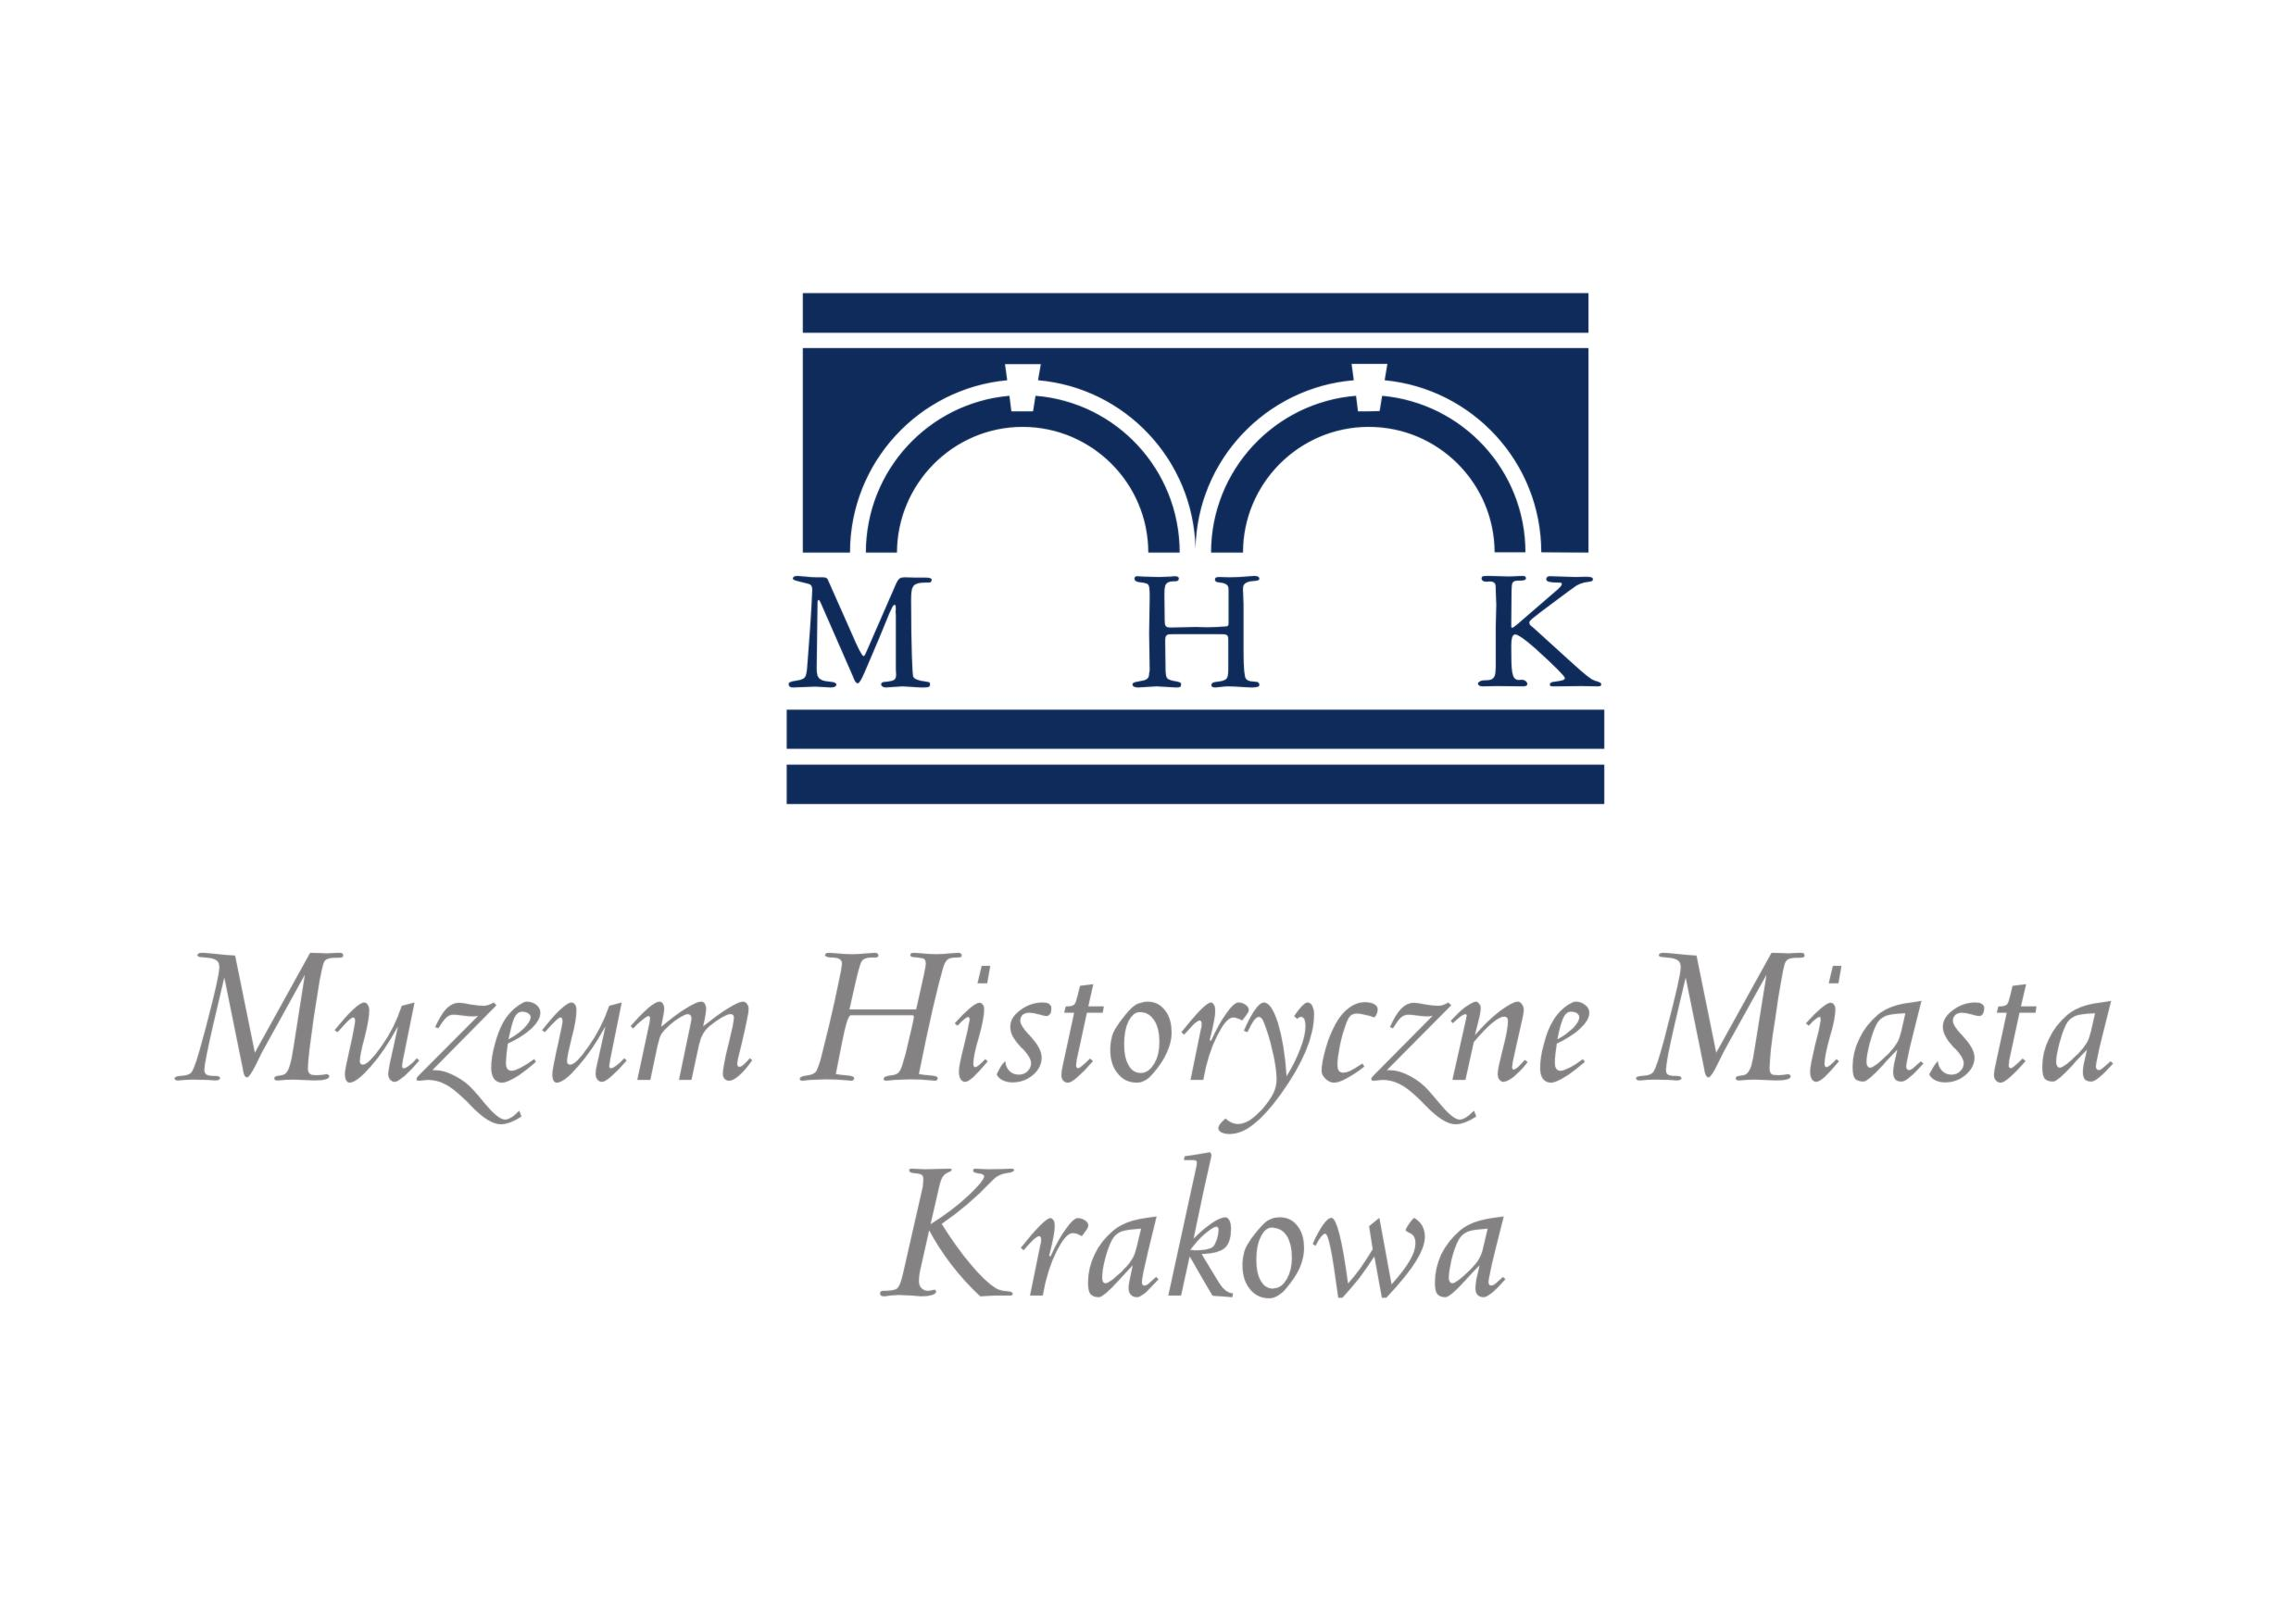 Nowe_Logo_1a.jpg